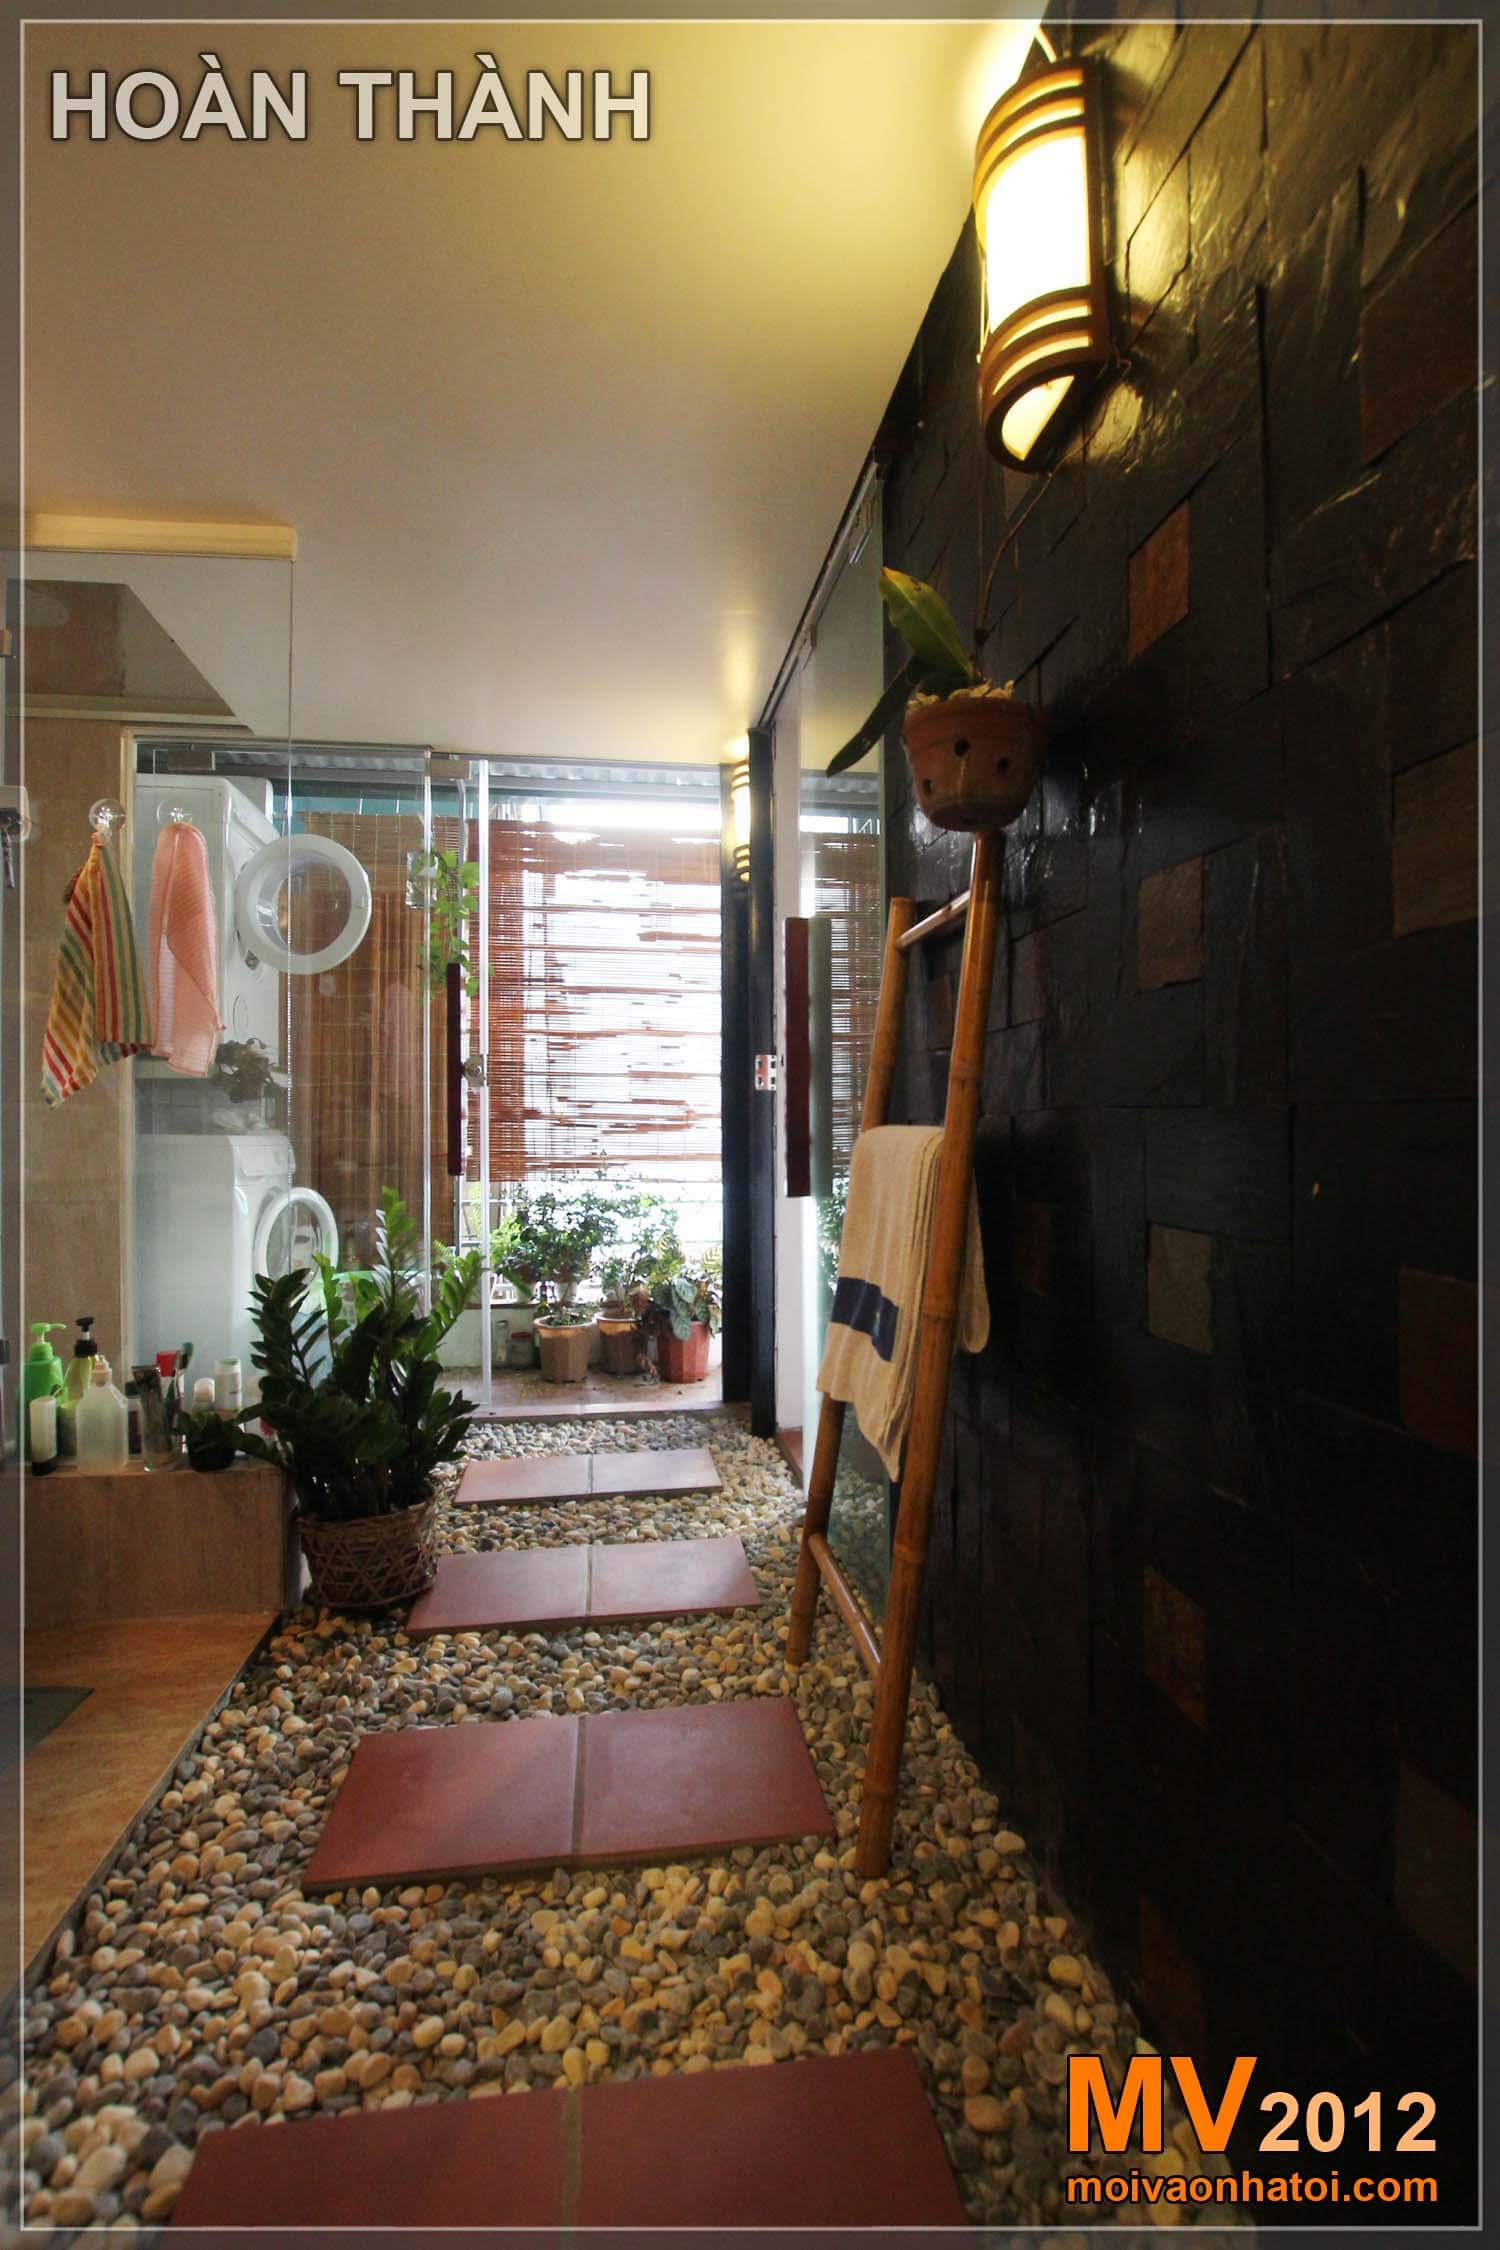 Nhà vệ sinh thiết kế theo tiêu chuẩn Khách sạn 5 sao